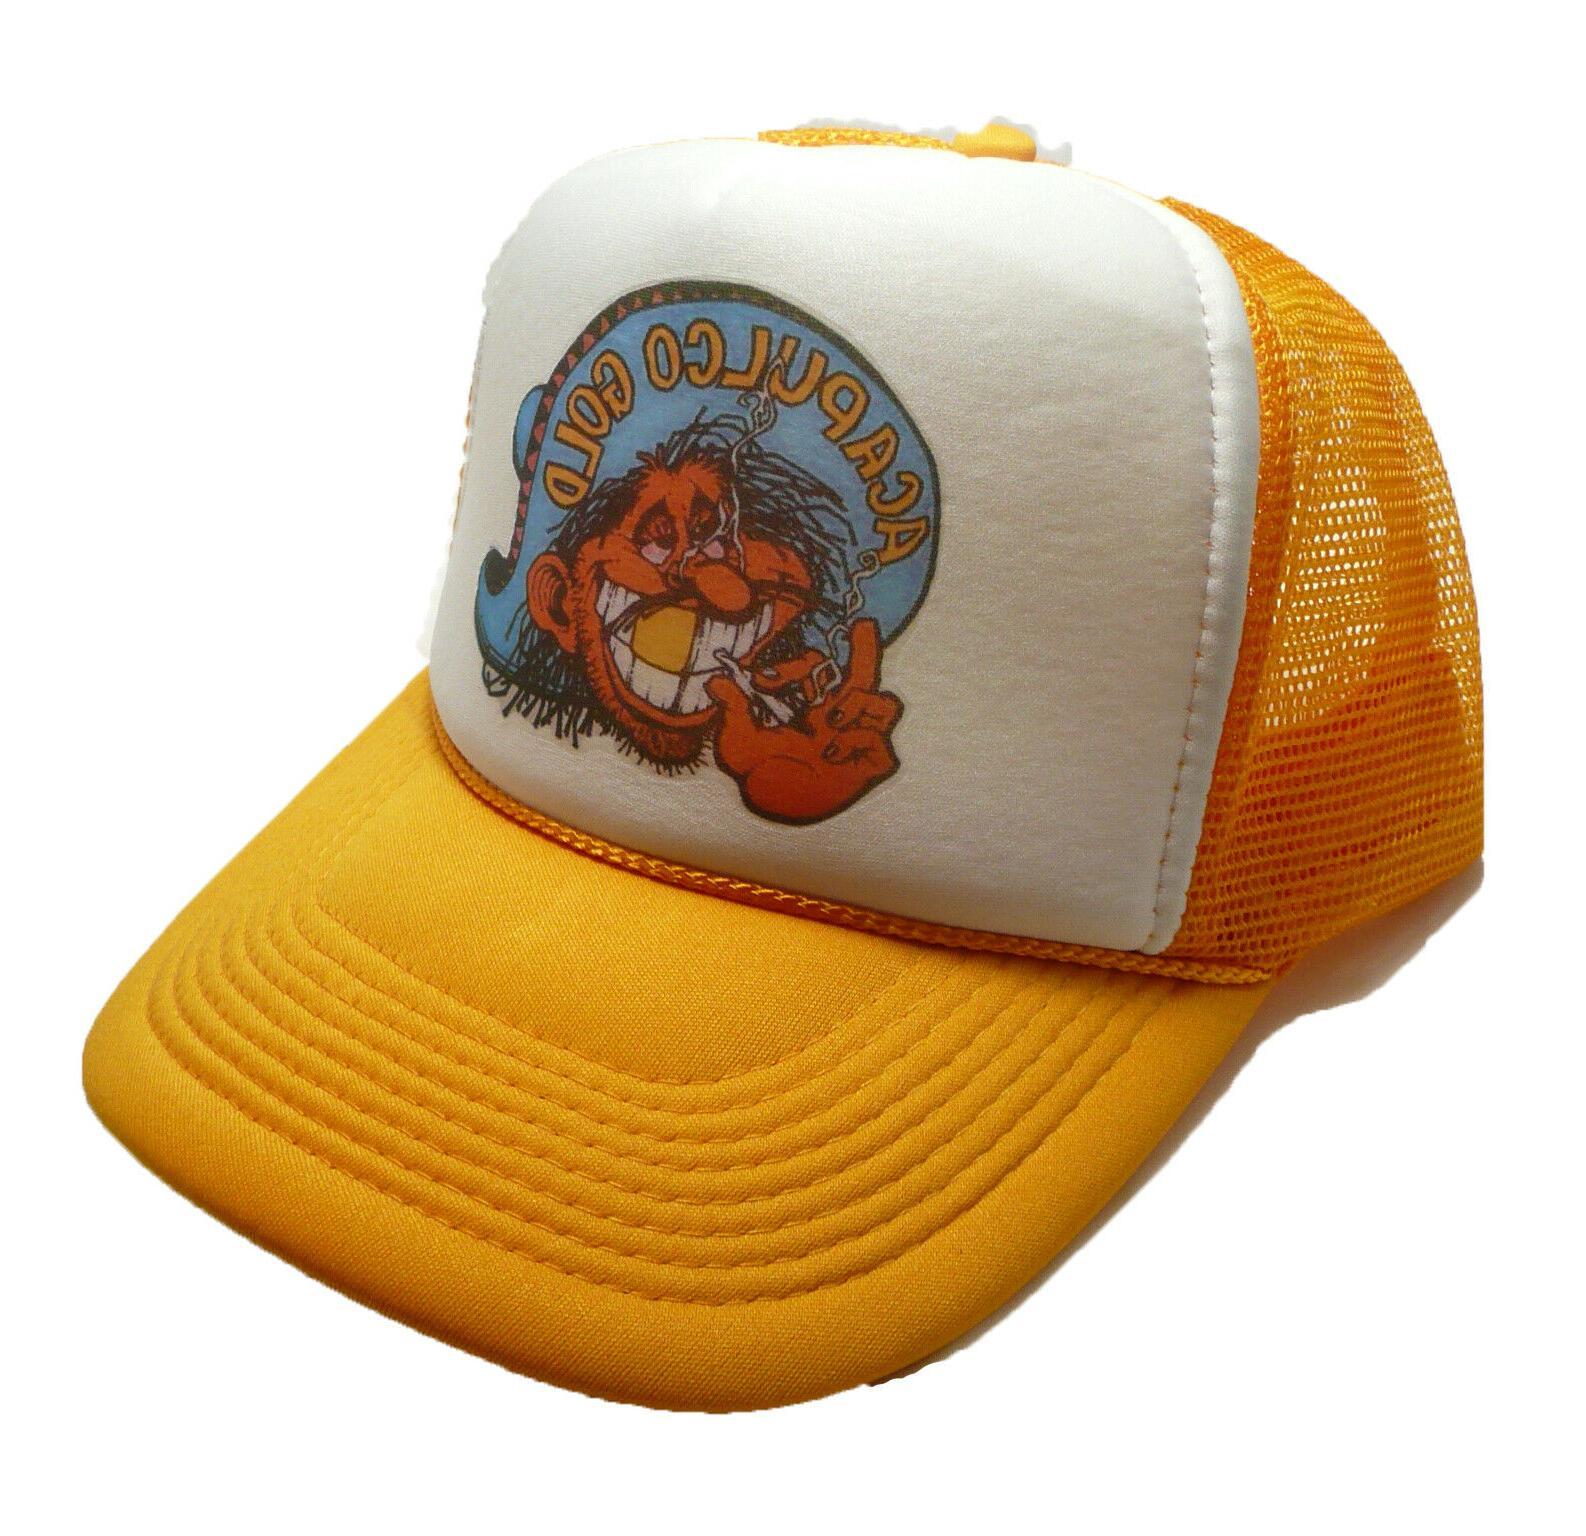 Vintage hat trucker cap new